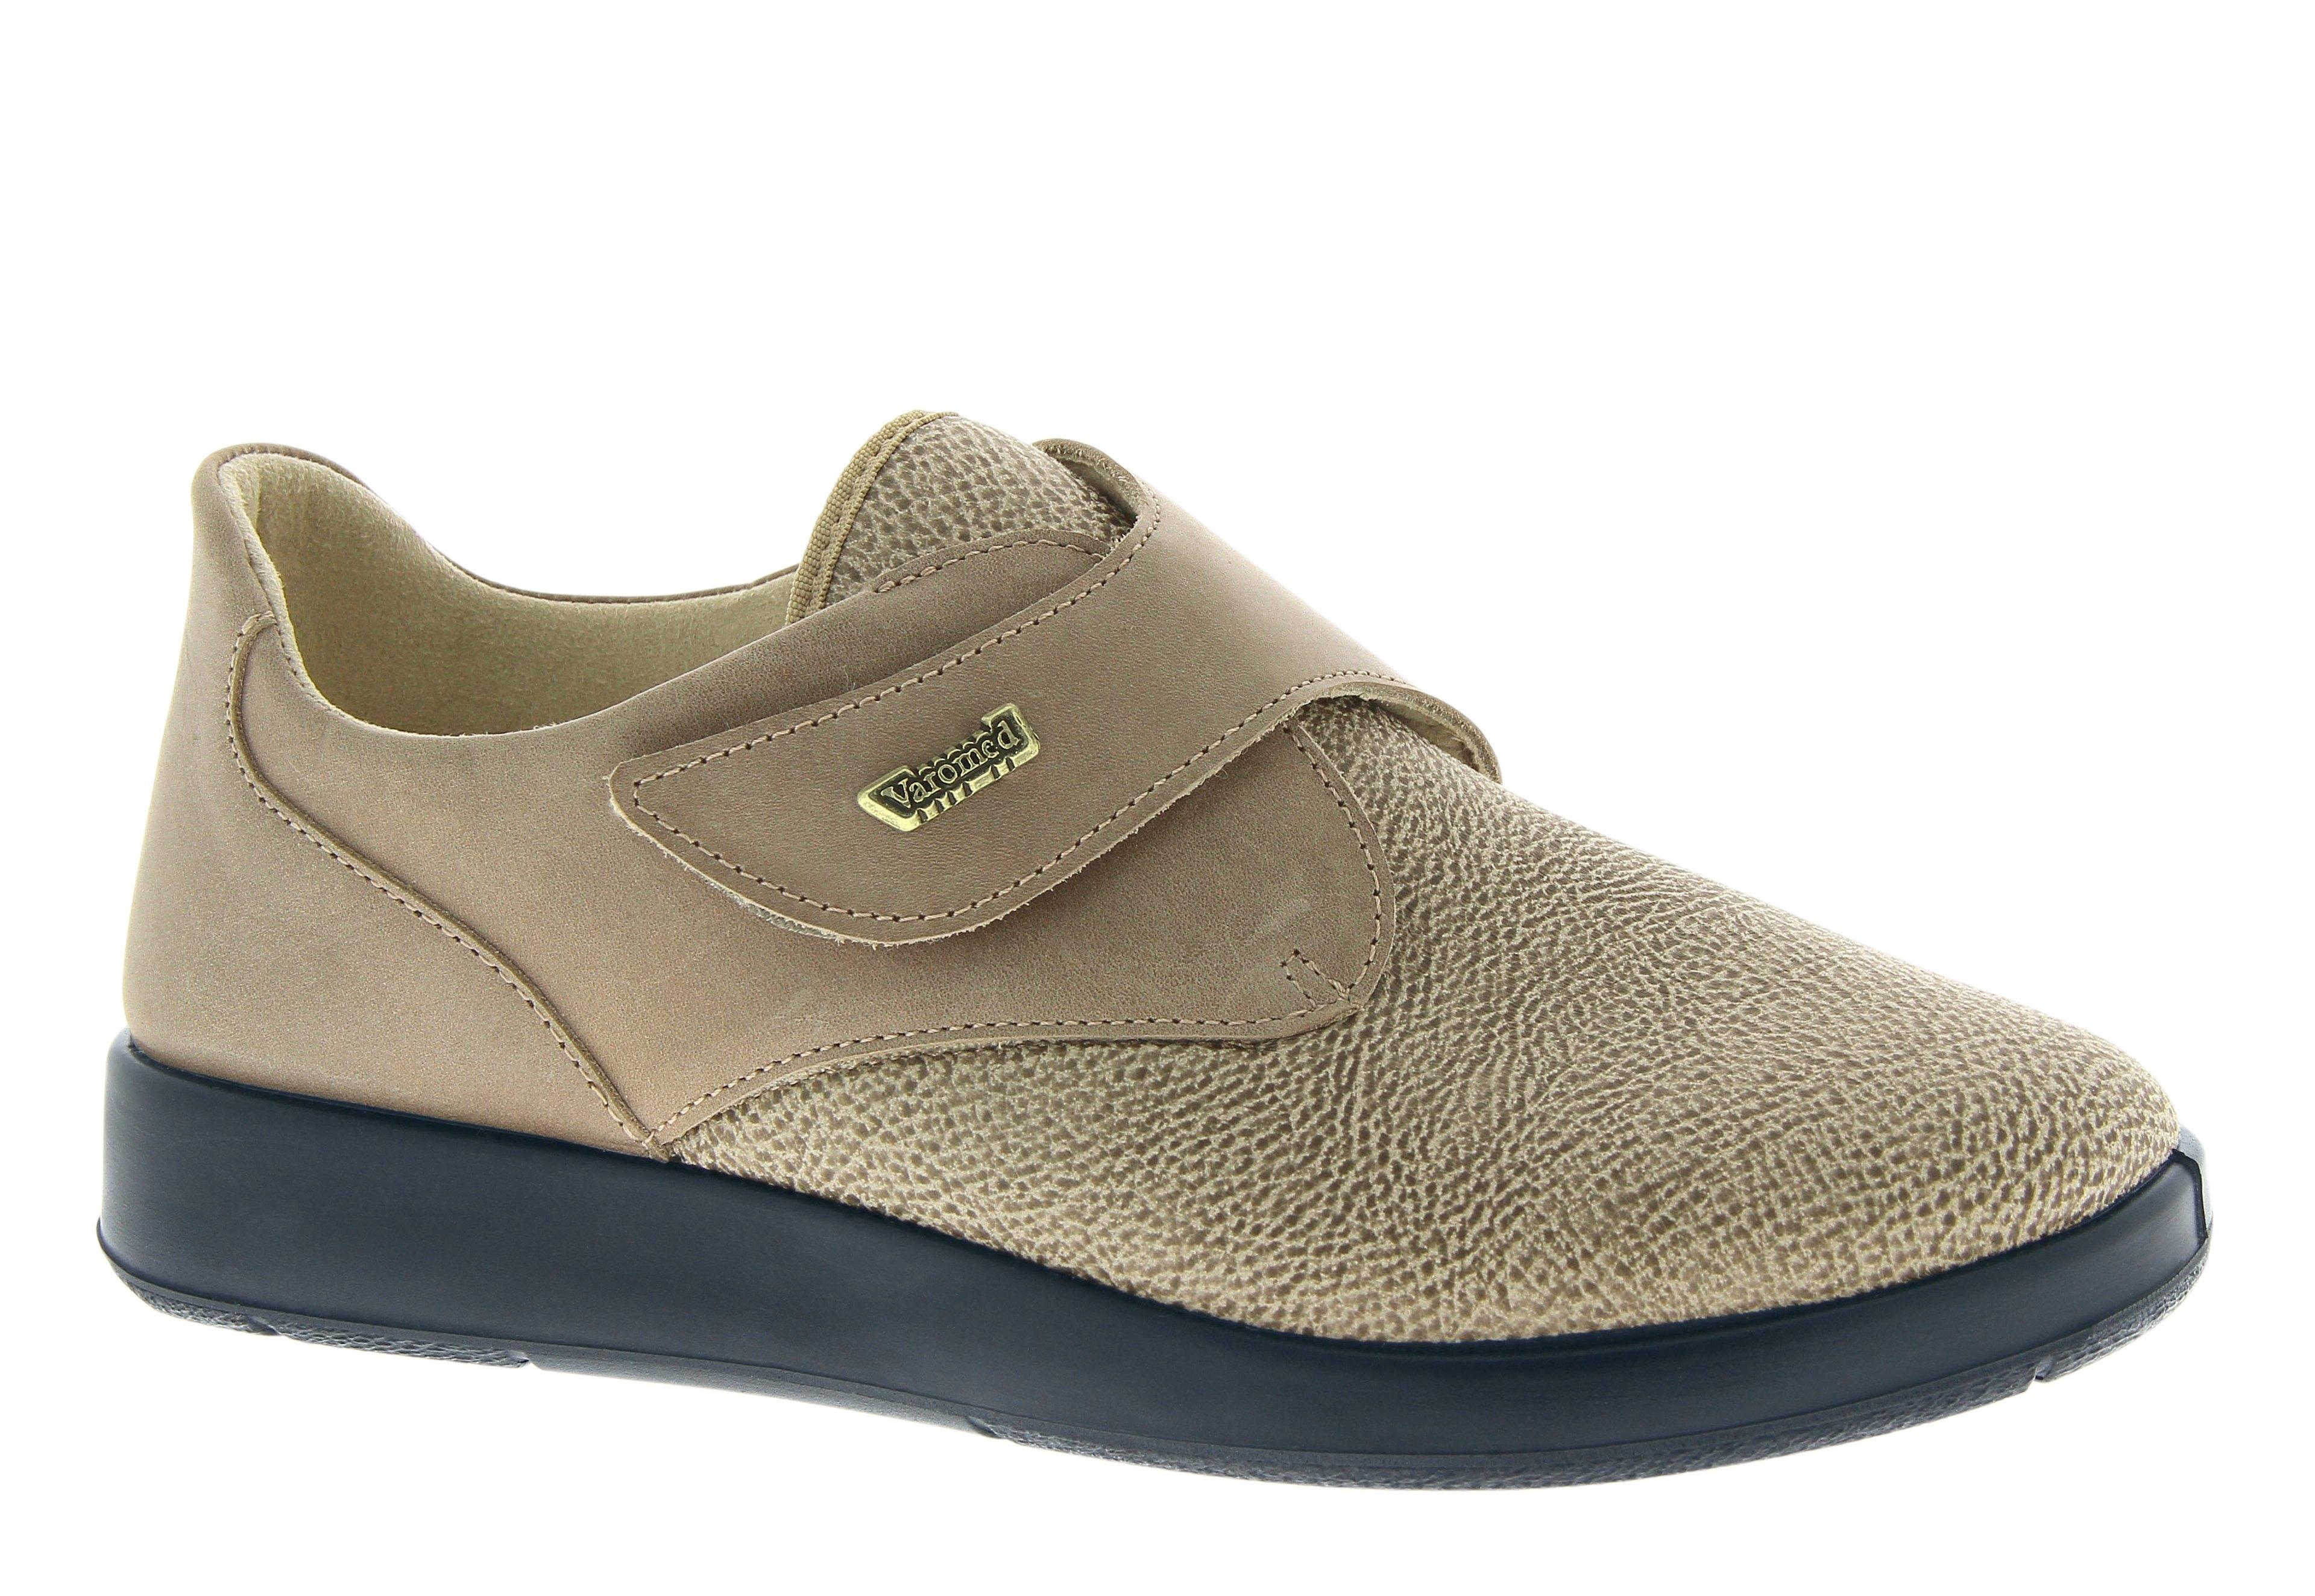 Varomed Florett profylaxe-schoenen met comfortabele stretch inzet voor bij OTTO online kopen